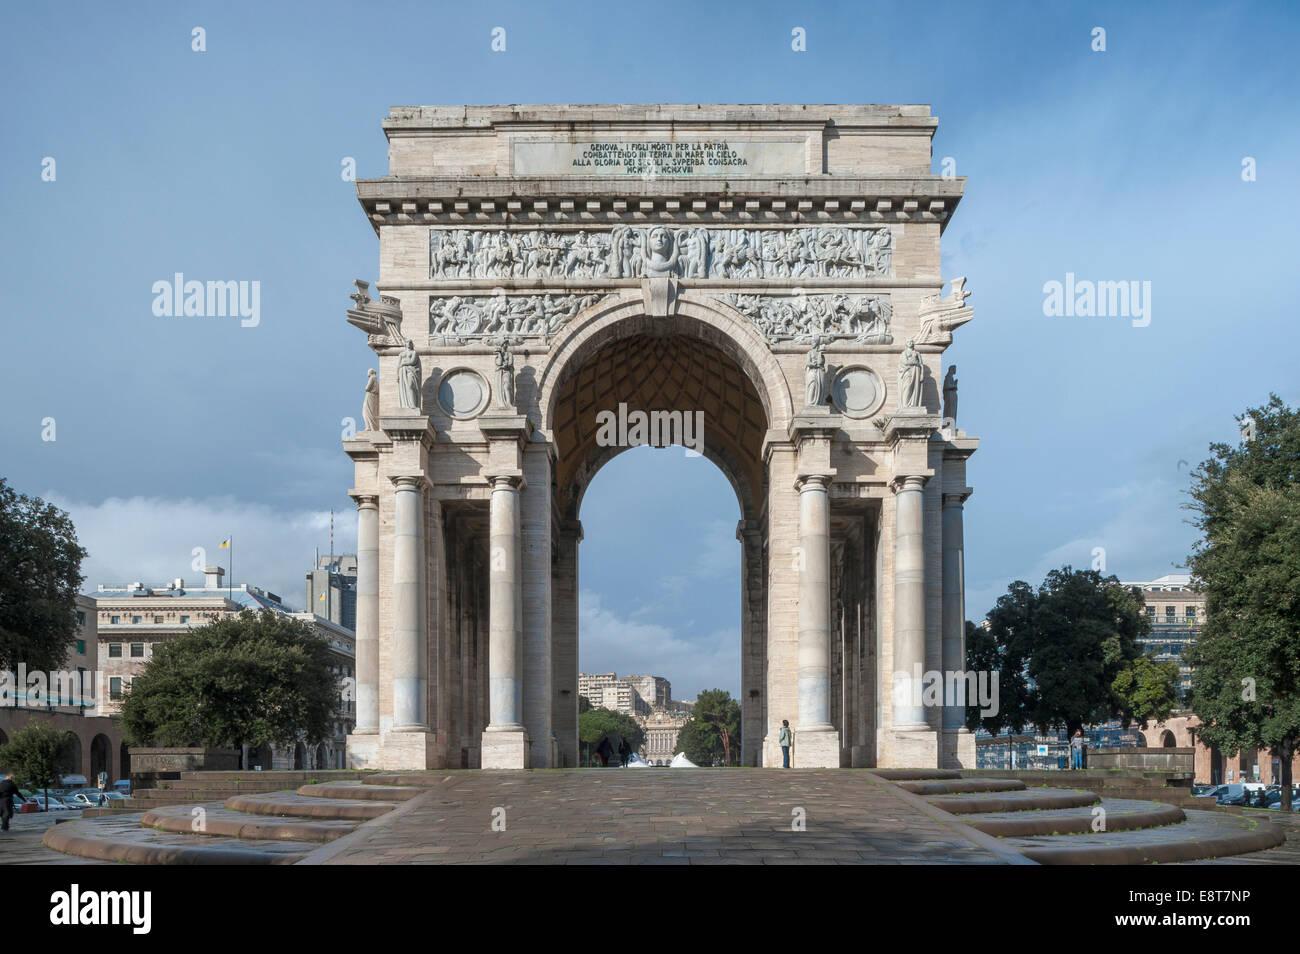 Arco Triunfal Arco della Vittoria, arquitectura del fascismo italiano de Mussolini, Piazza della Vittoria, Génova, Imagen De Stock